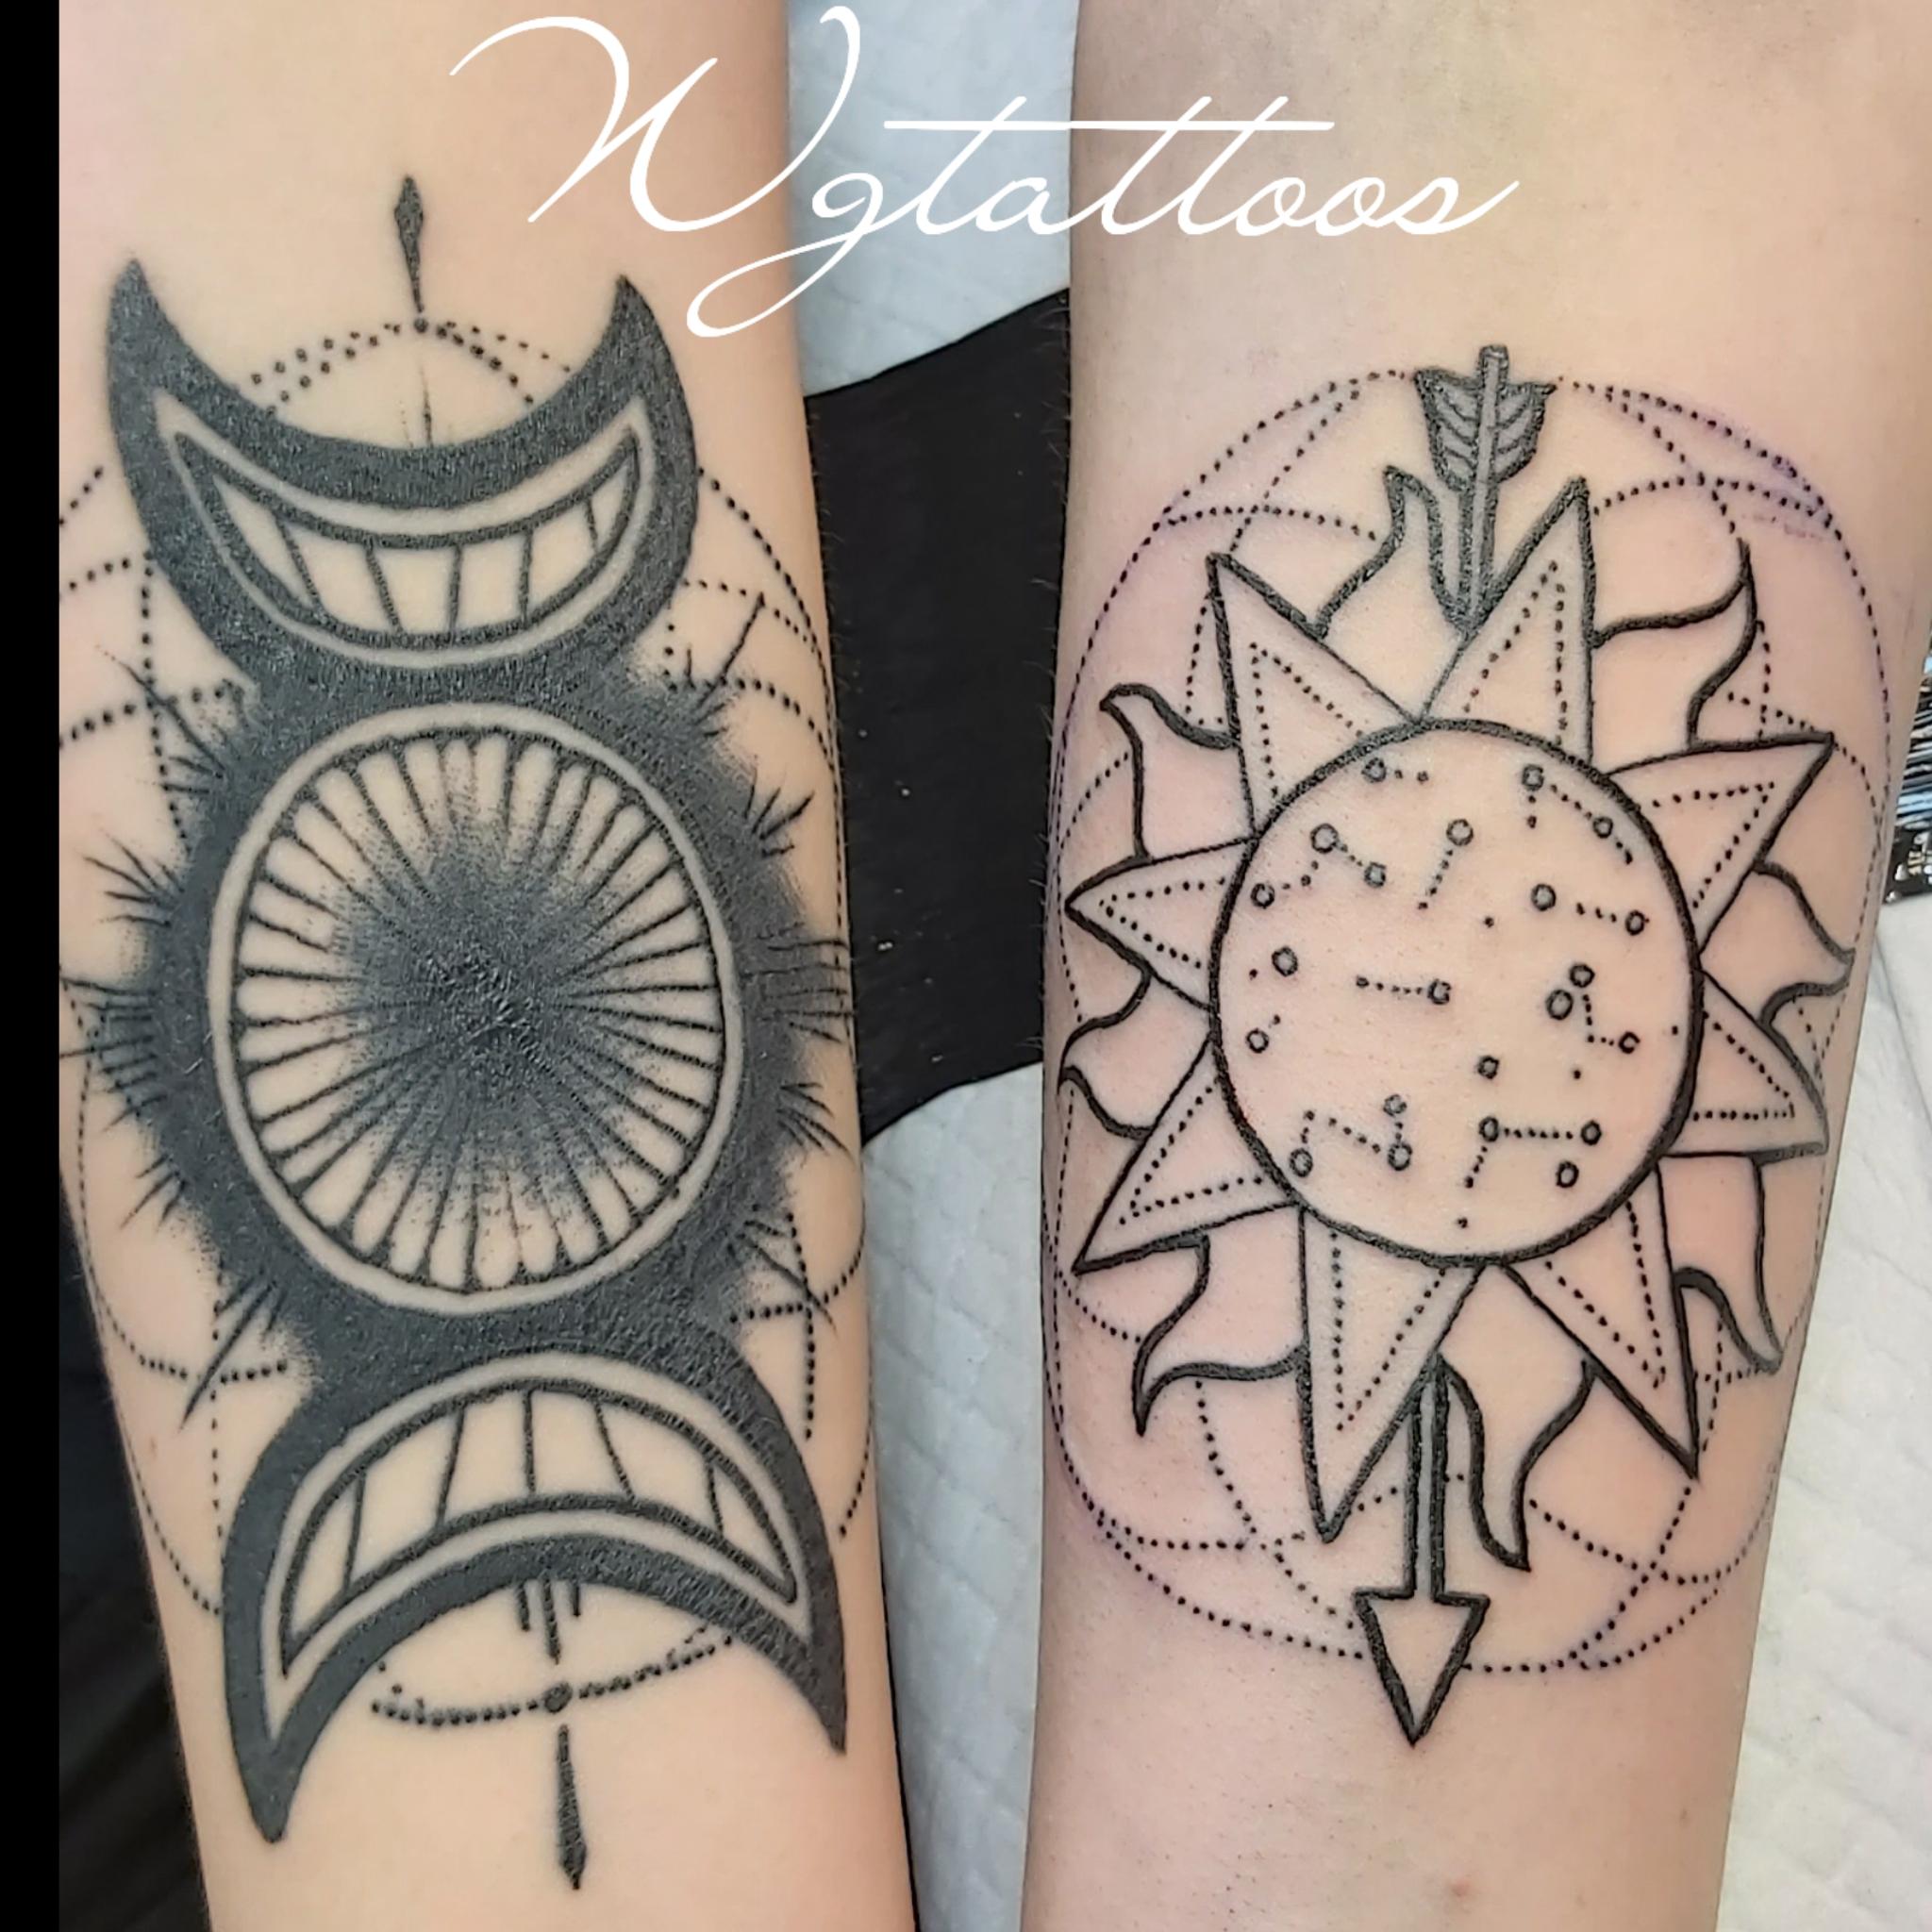 consalation tattoo